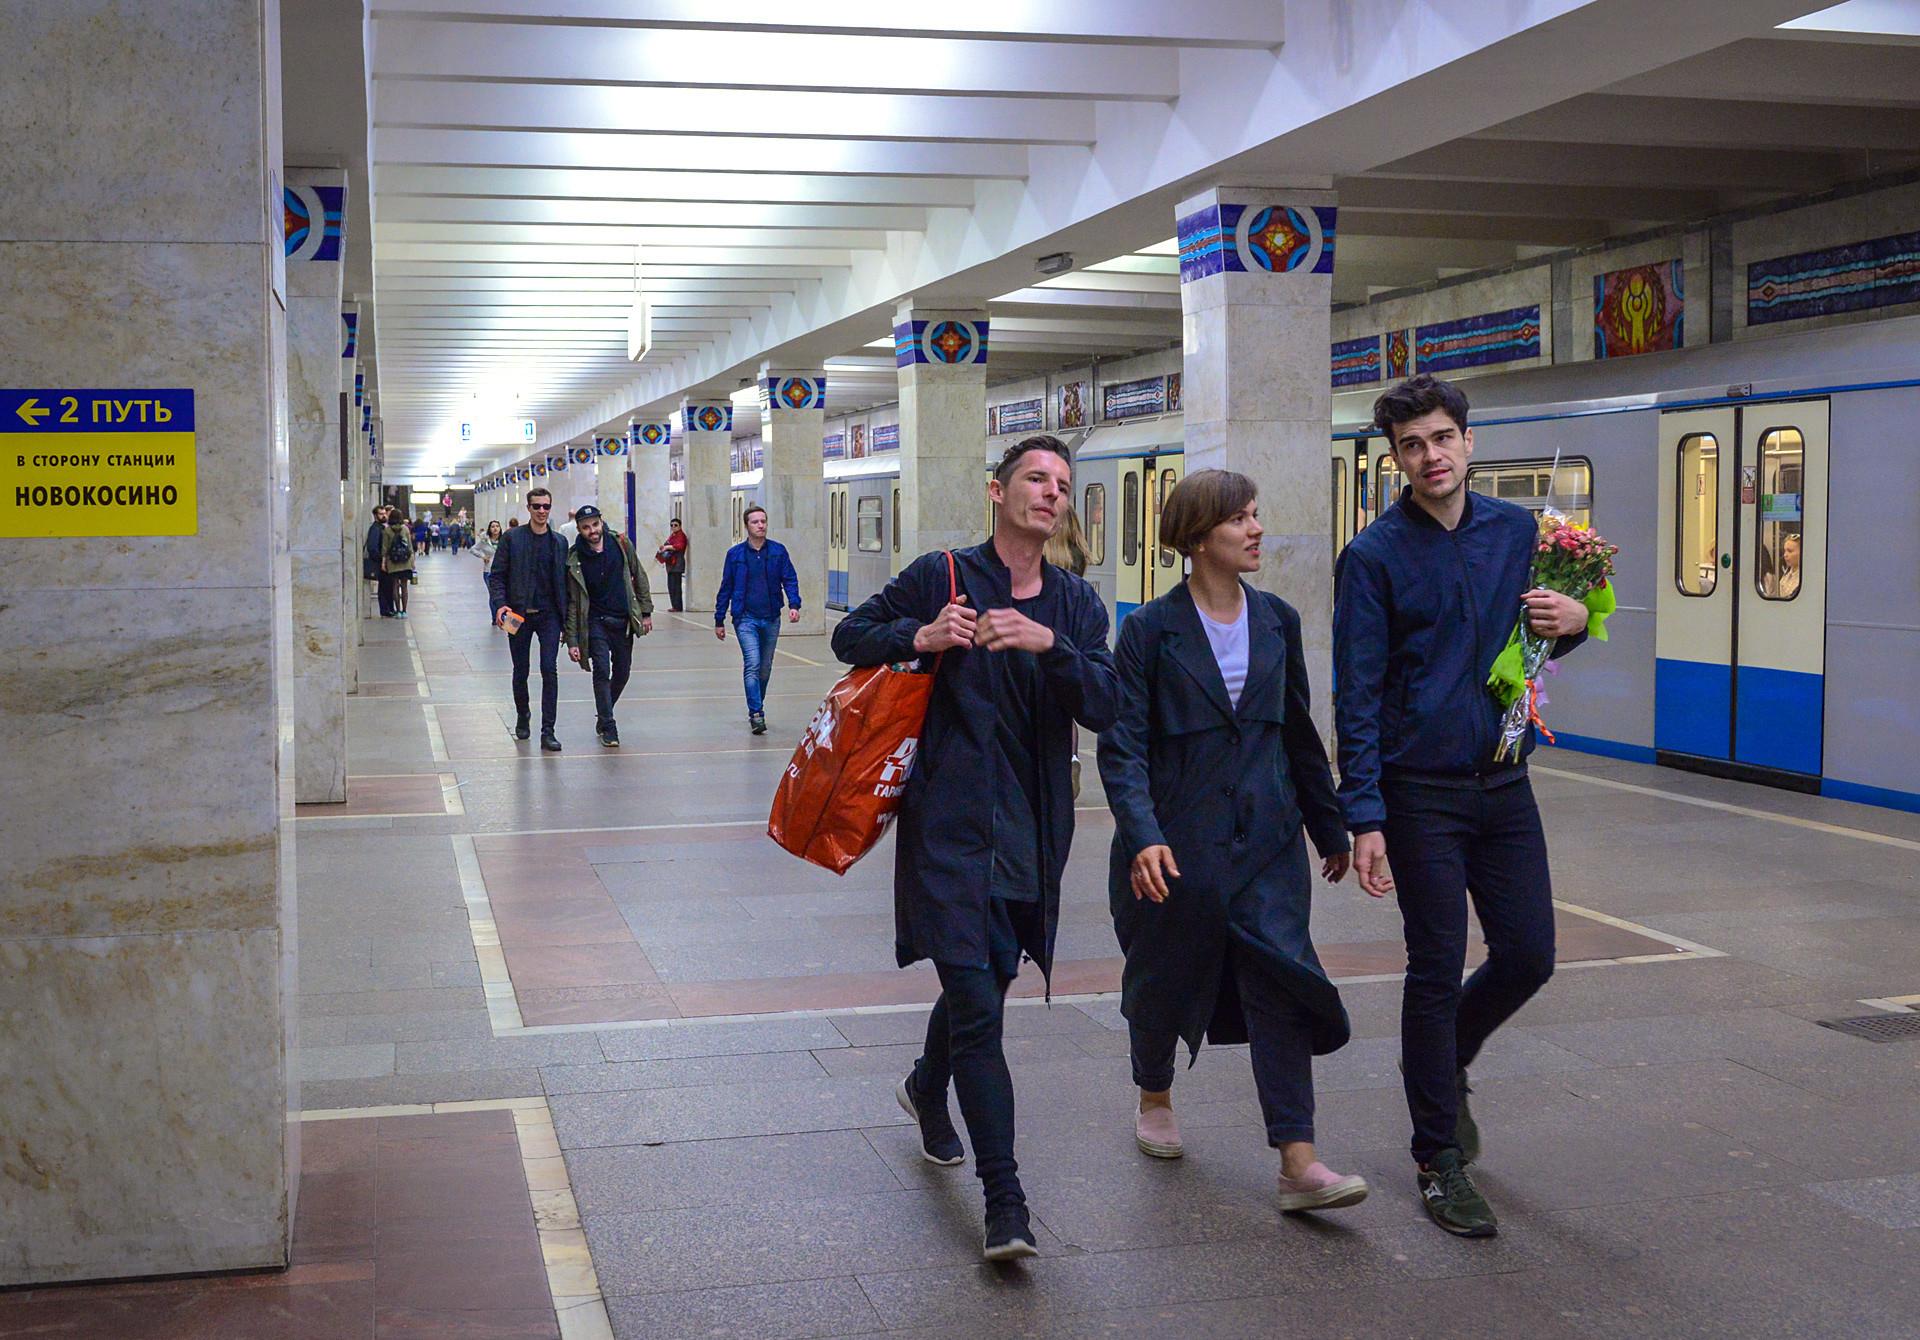 Estación de metro de Moscú Novogiréievo.